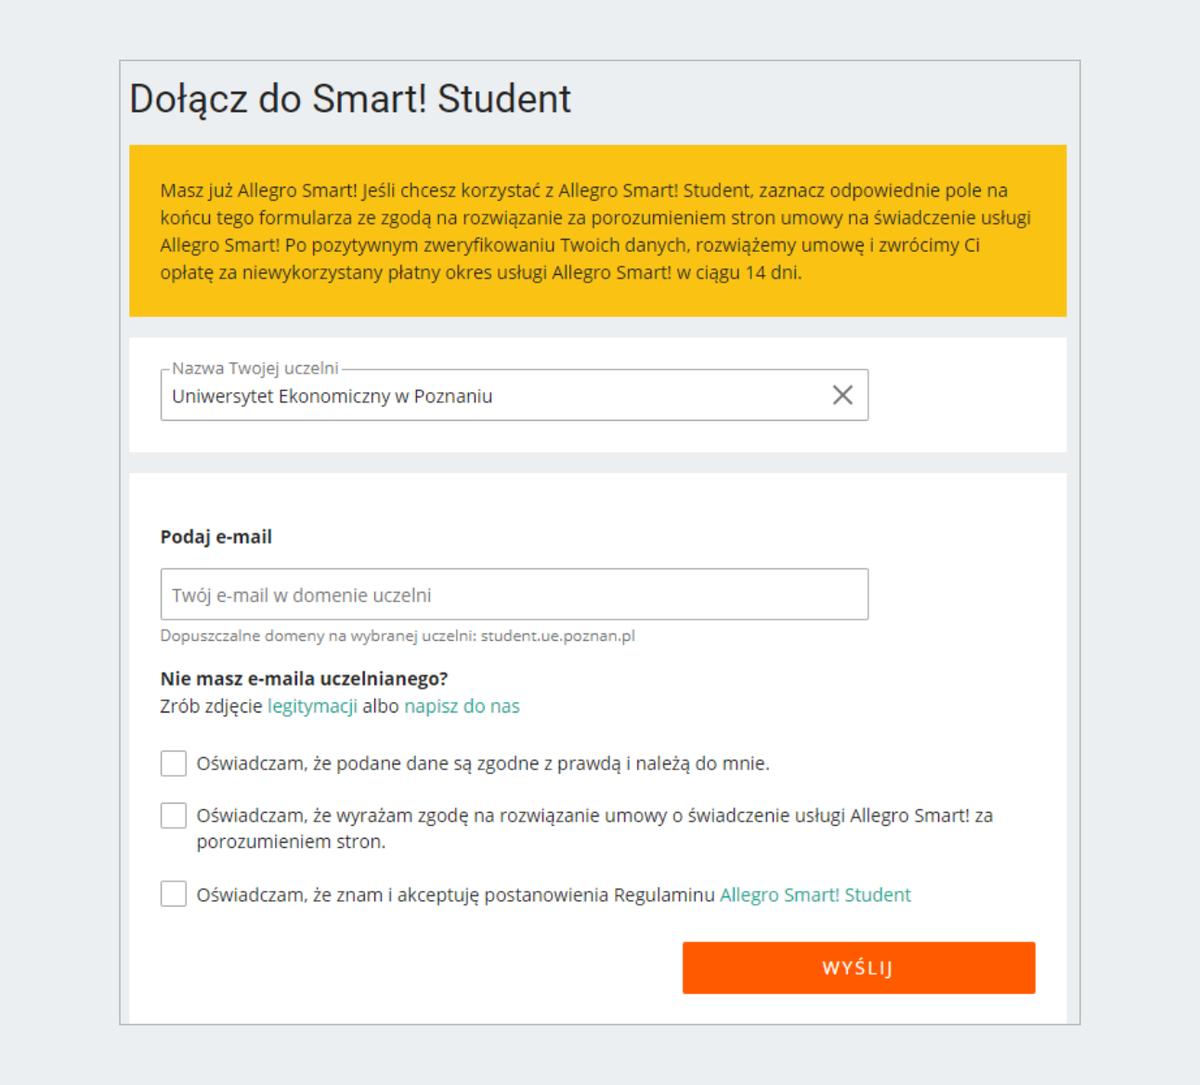 Czym Jest Allegro Smart Student Pomoc Allegro